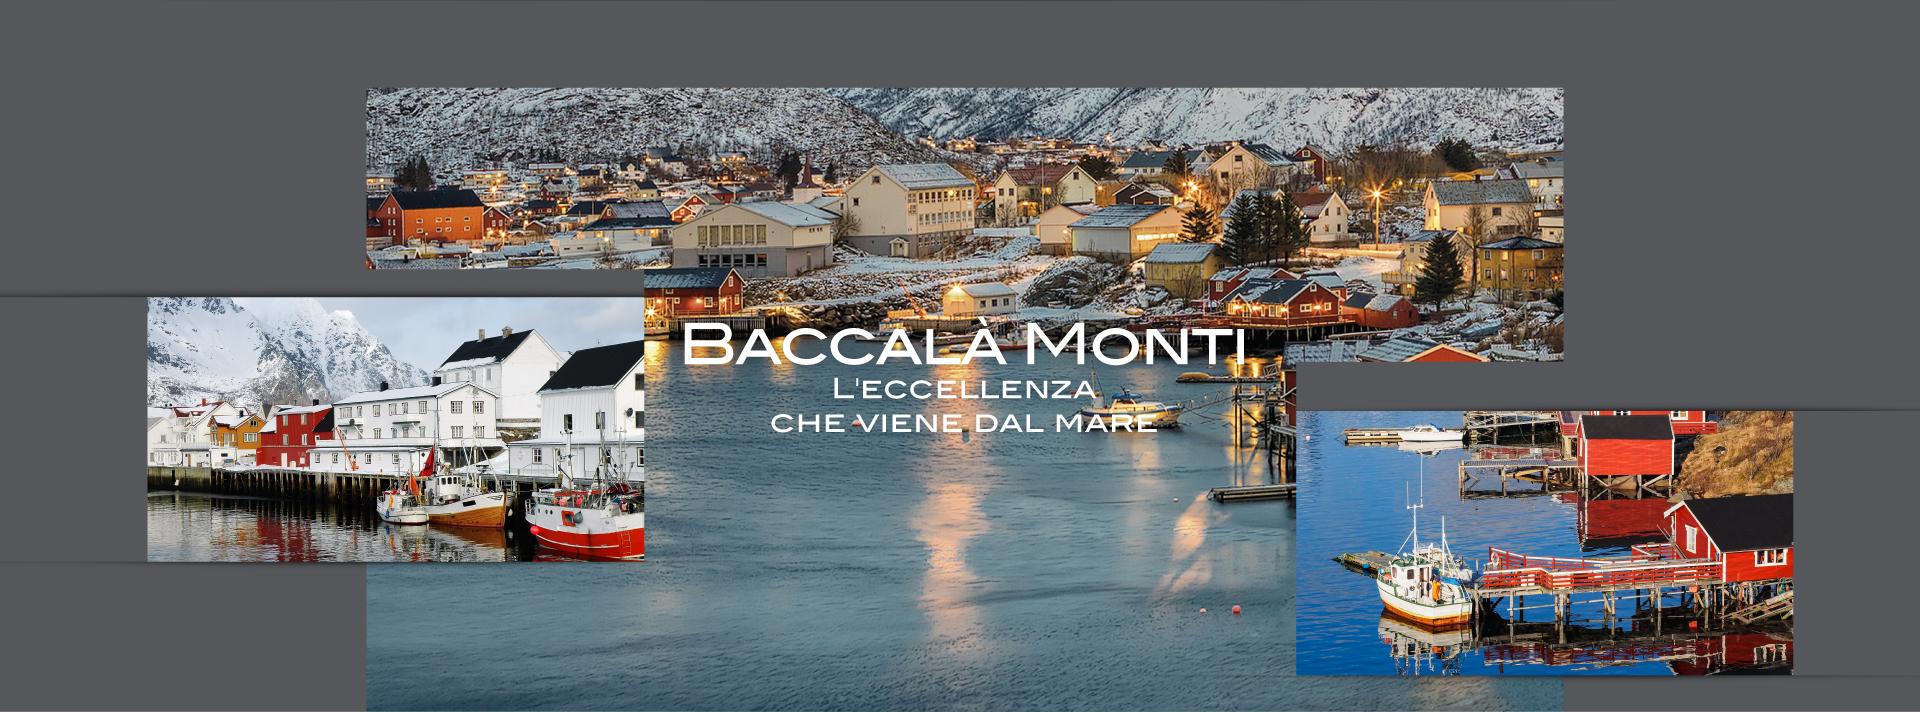 Baccalà Monti filiera-02